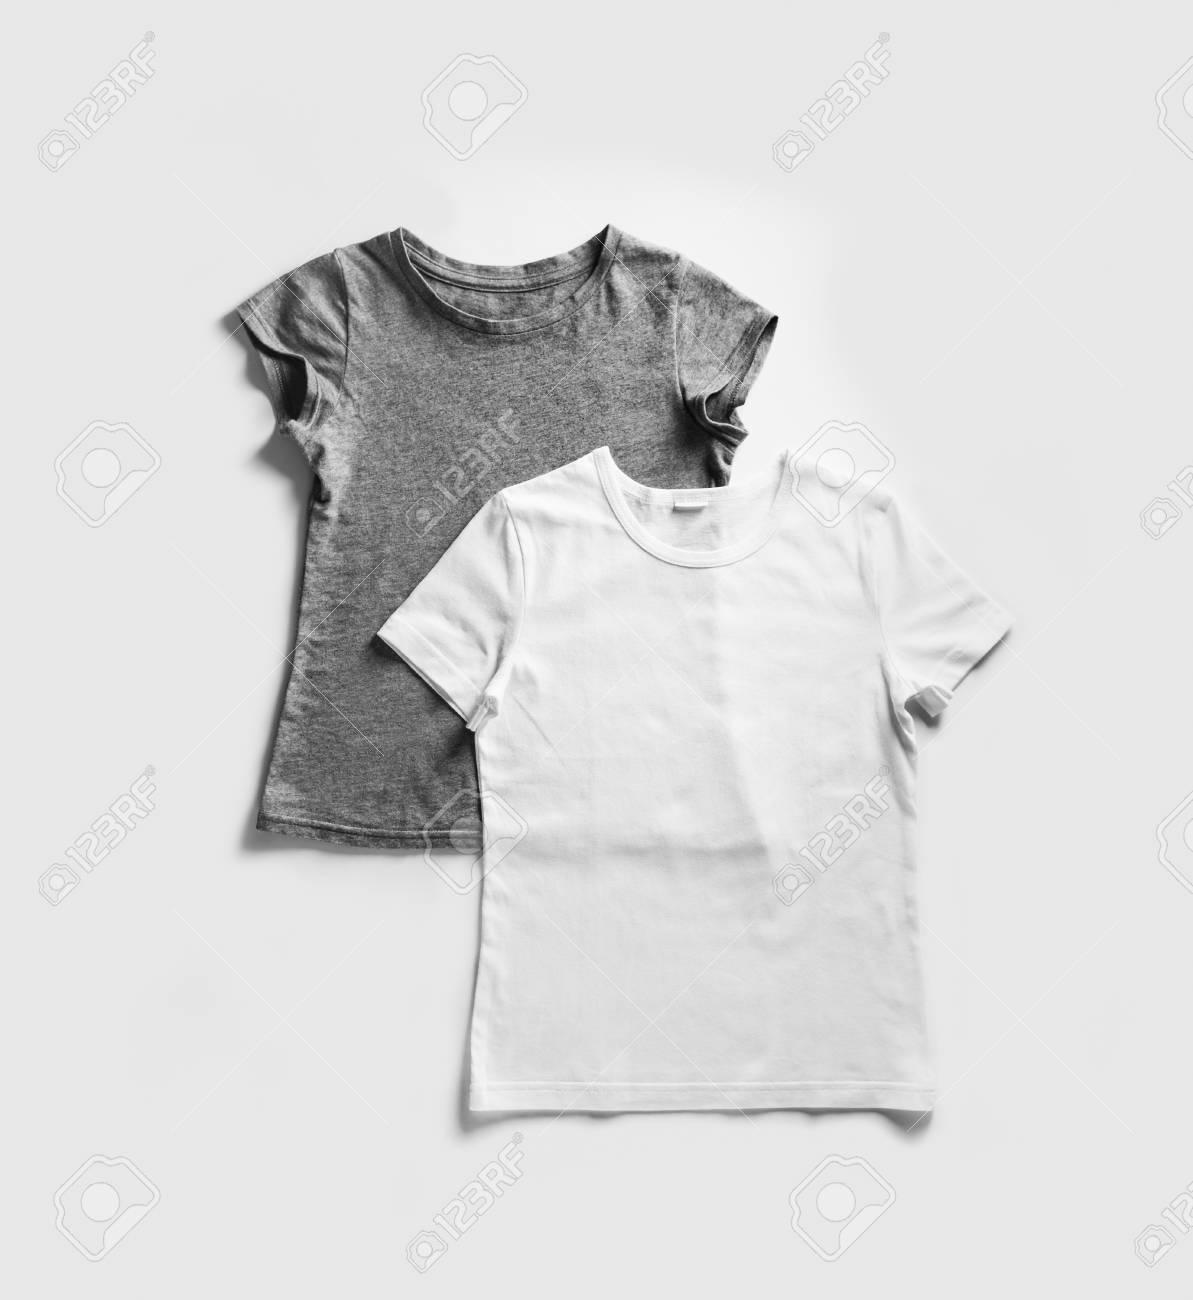 Leere Weiße Und Graue T-Shirts Für Ihr Design Auf ...